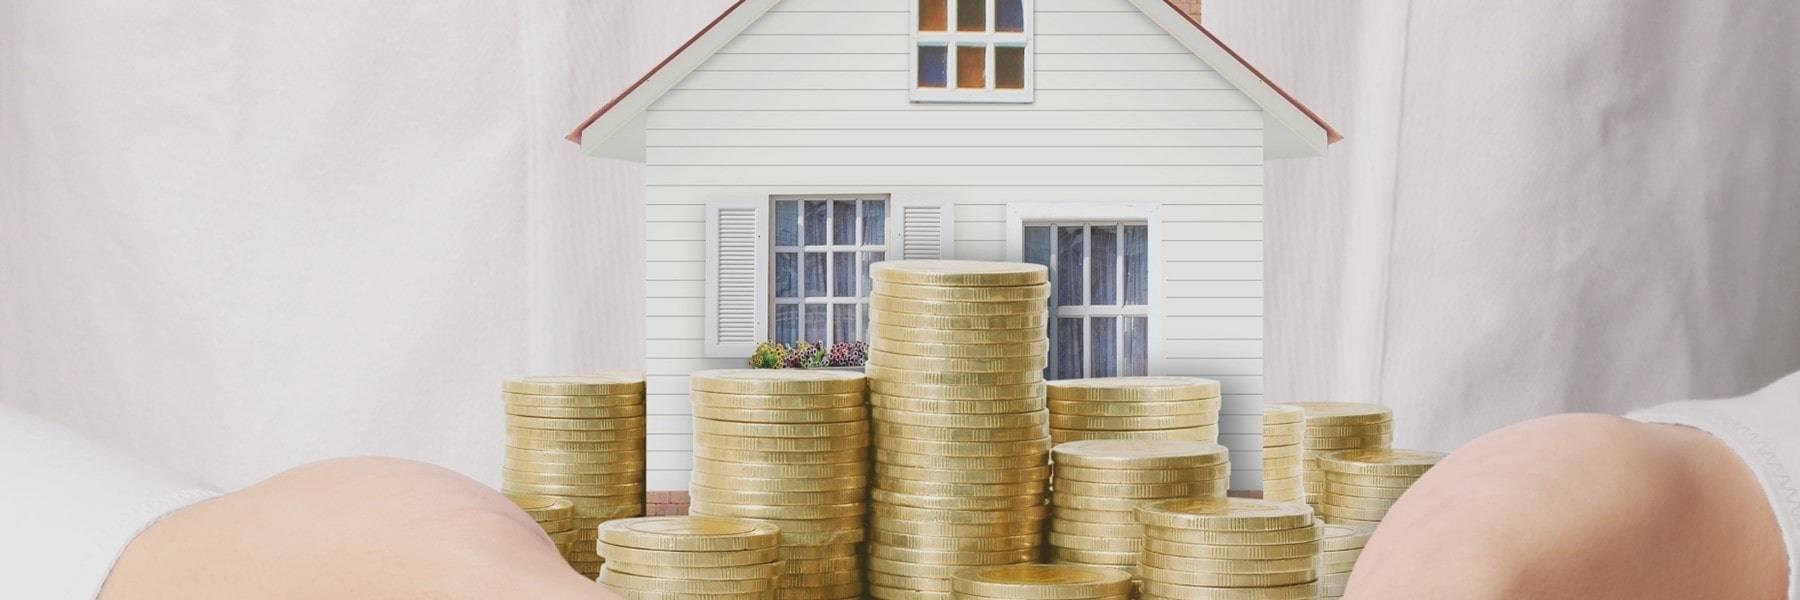 Hypotheek berekenen bij De HypotheekStore